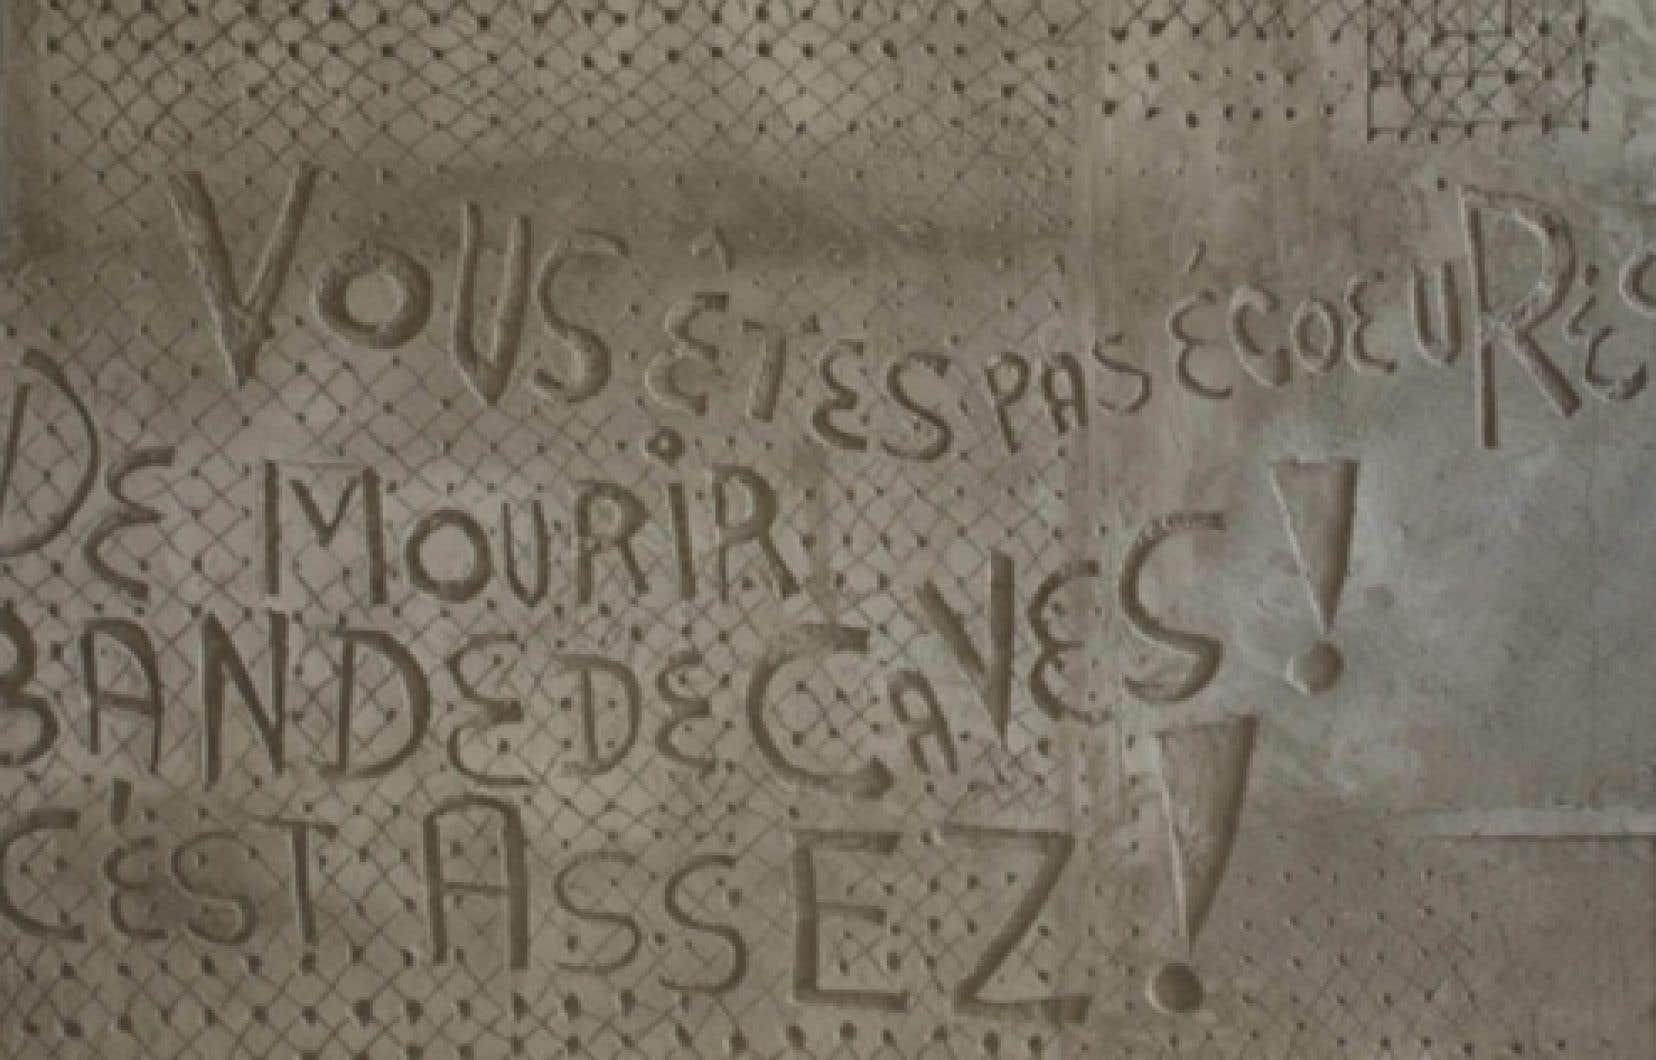 L'artiste Jordi Bonet a refusé d'enlever l'inscription controversée de la murale.<br />